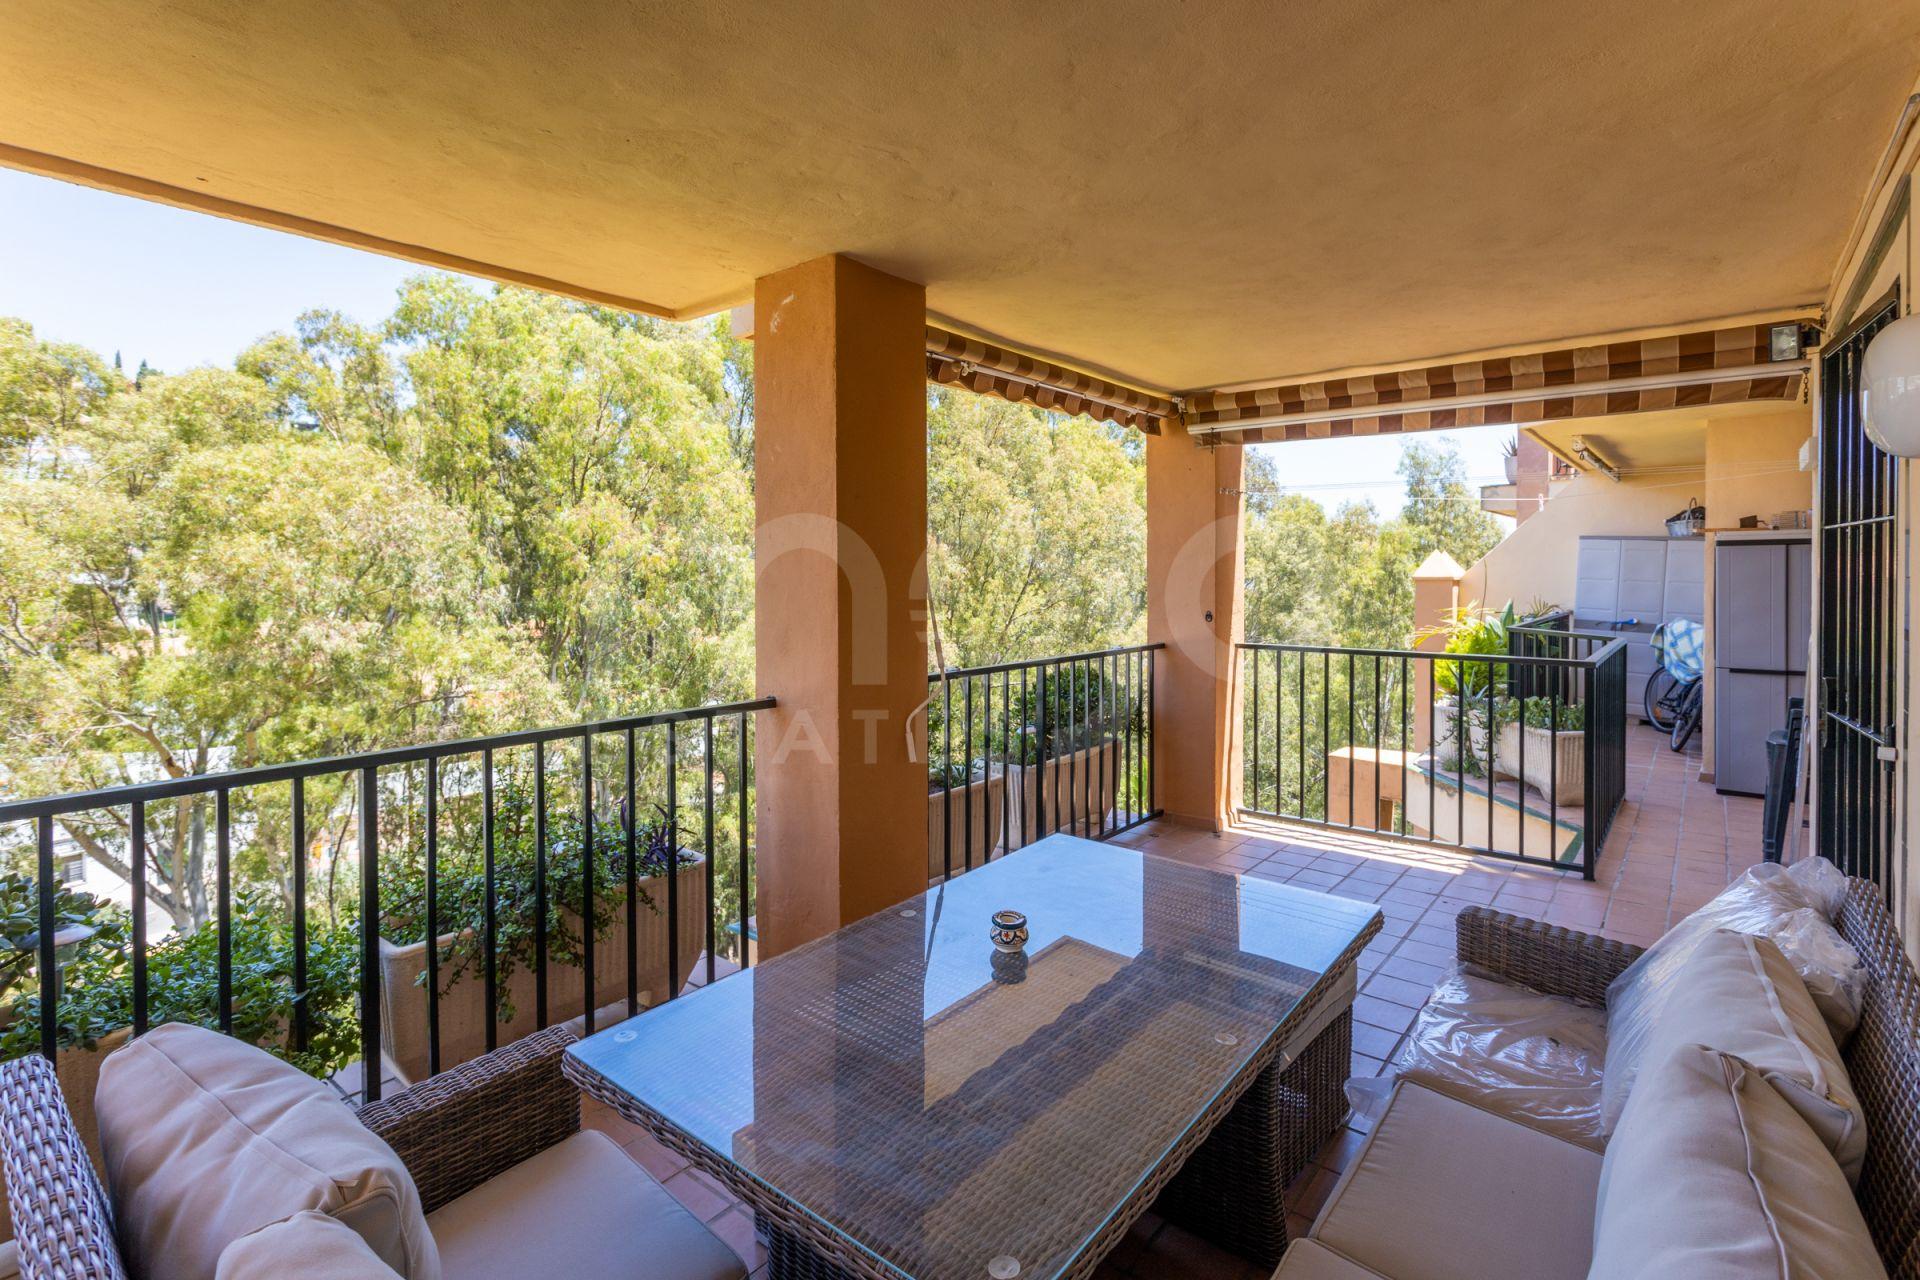 Lejlighed til salg i Torreblanca, Fuengirola